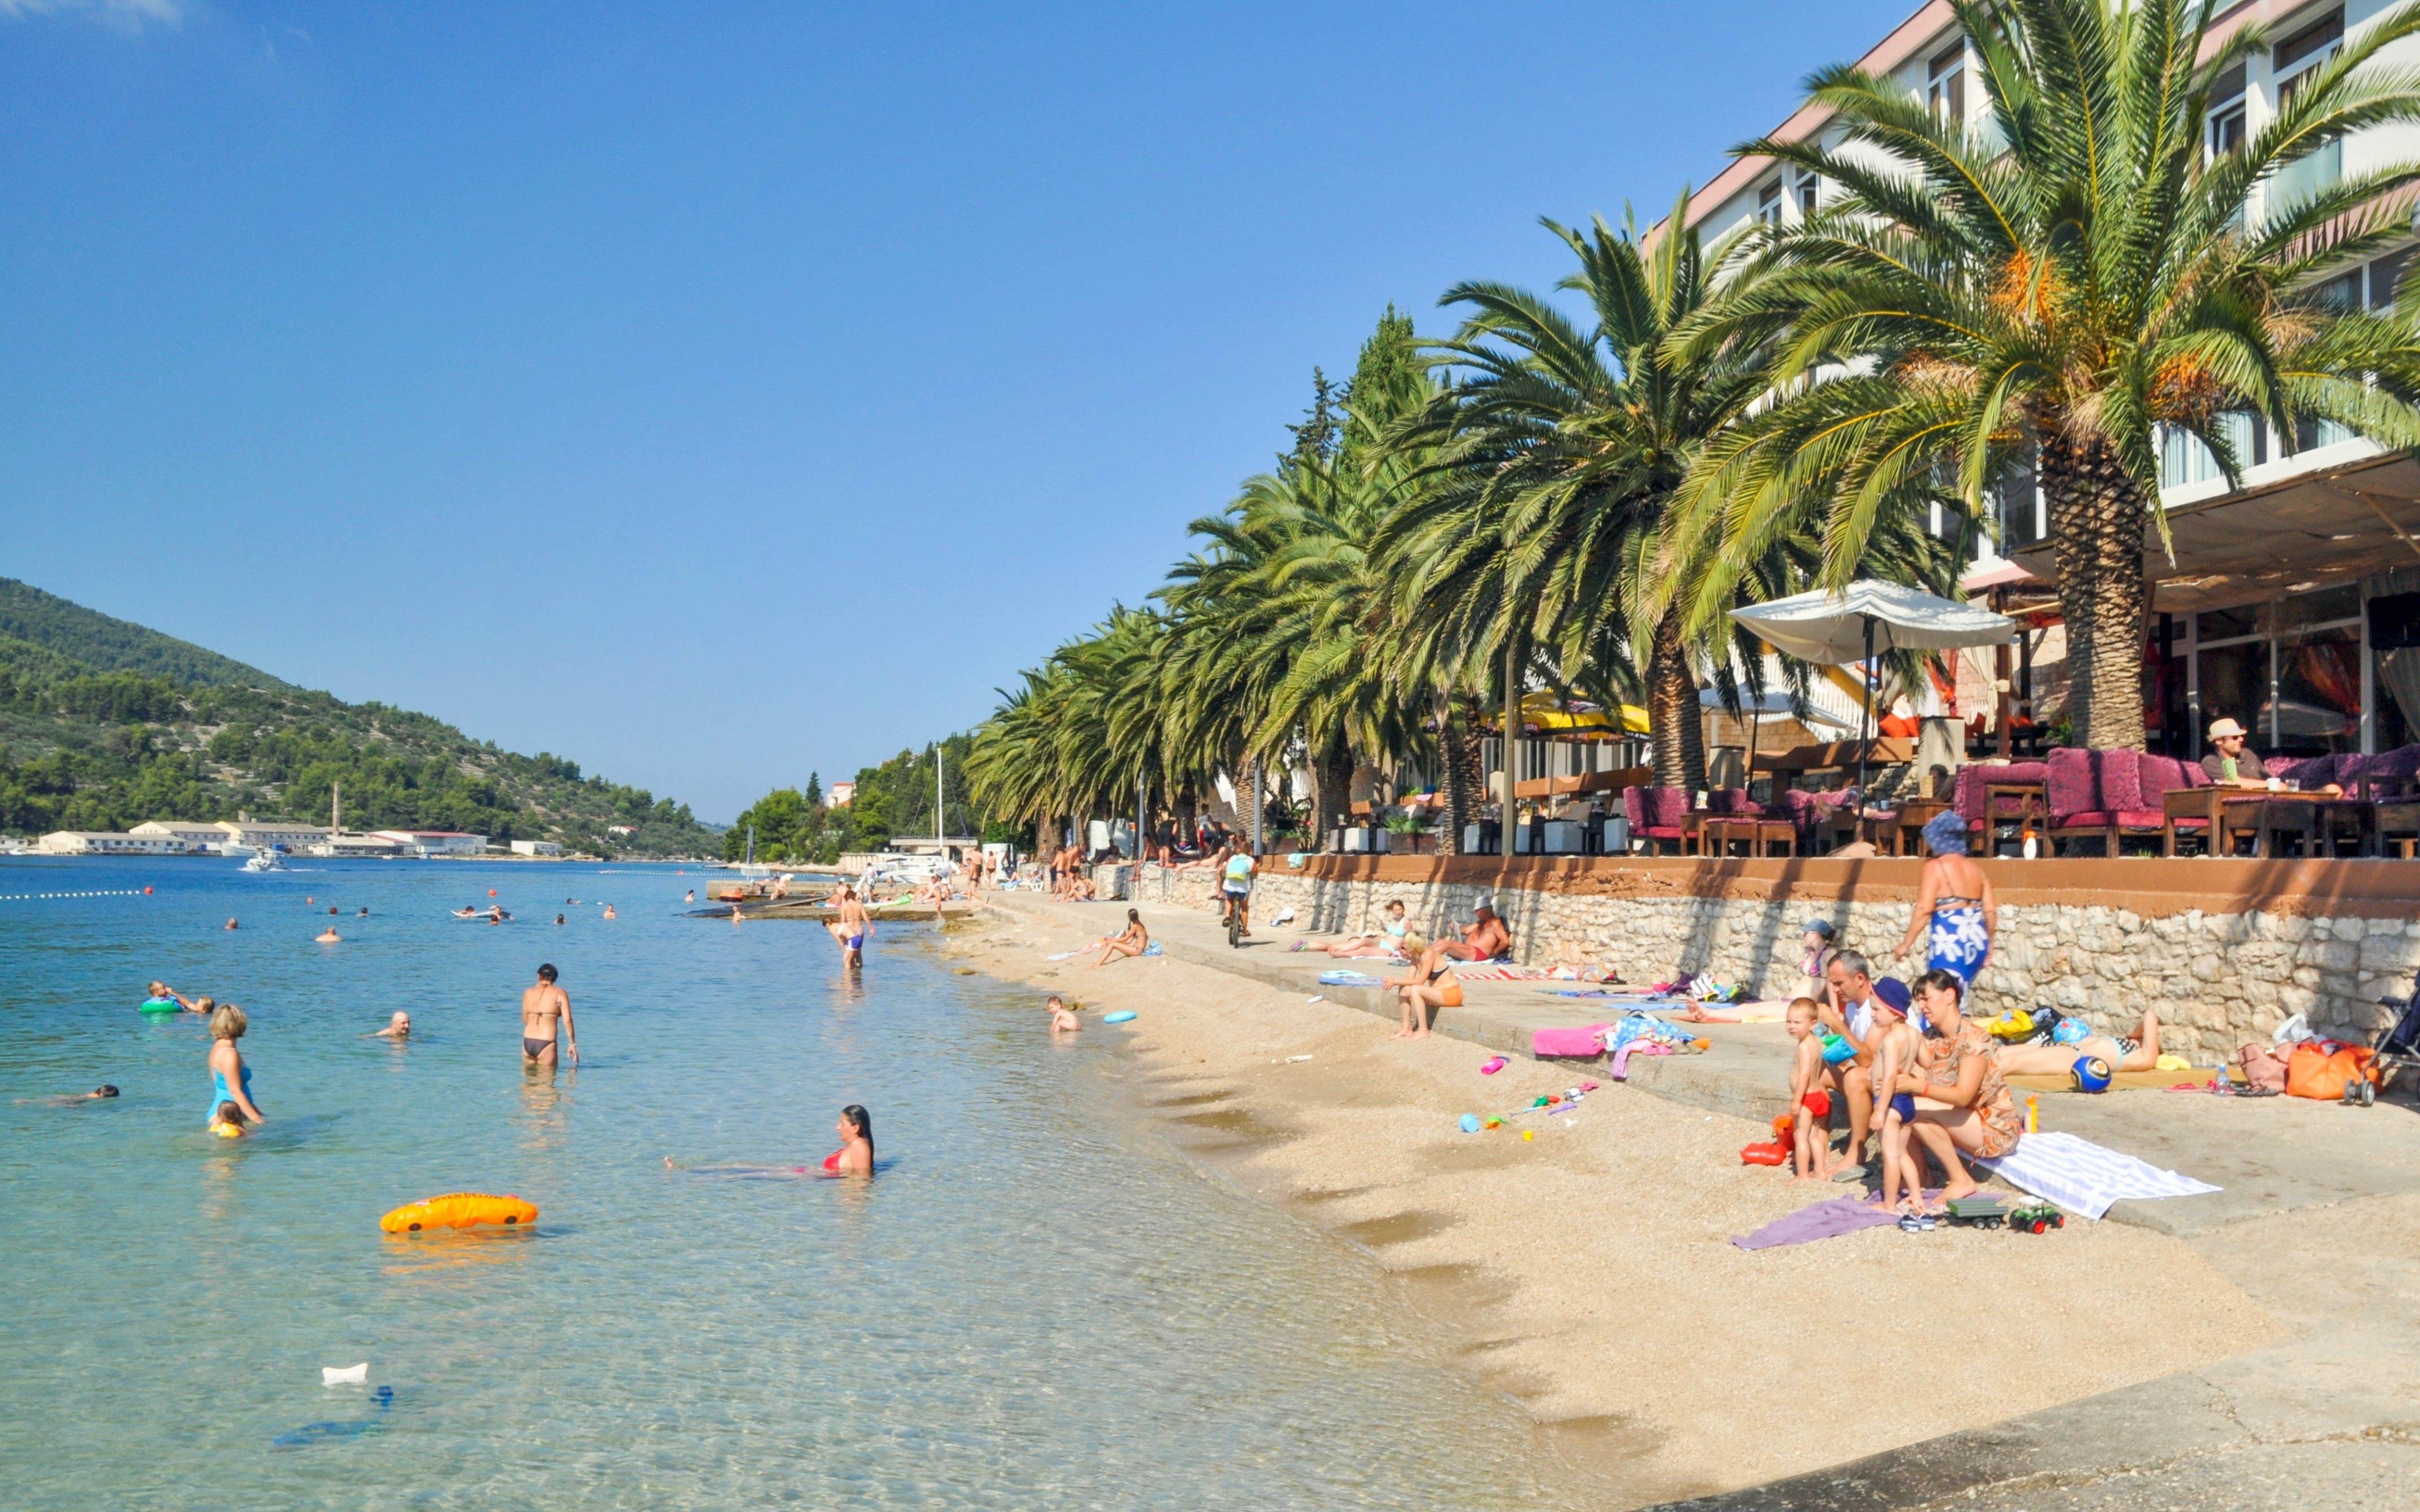 Chorvatsko: Ostrov Korčula přímo na pláži v Hotelu Posejdon *** s polopenzí a živou hudbou + dítě zdarma